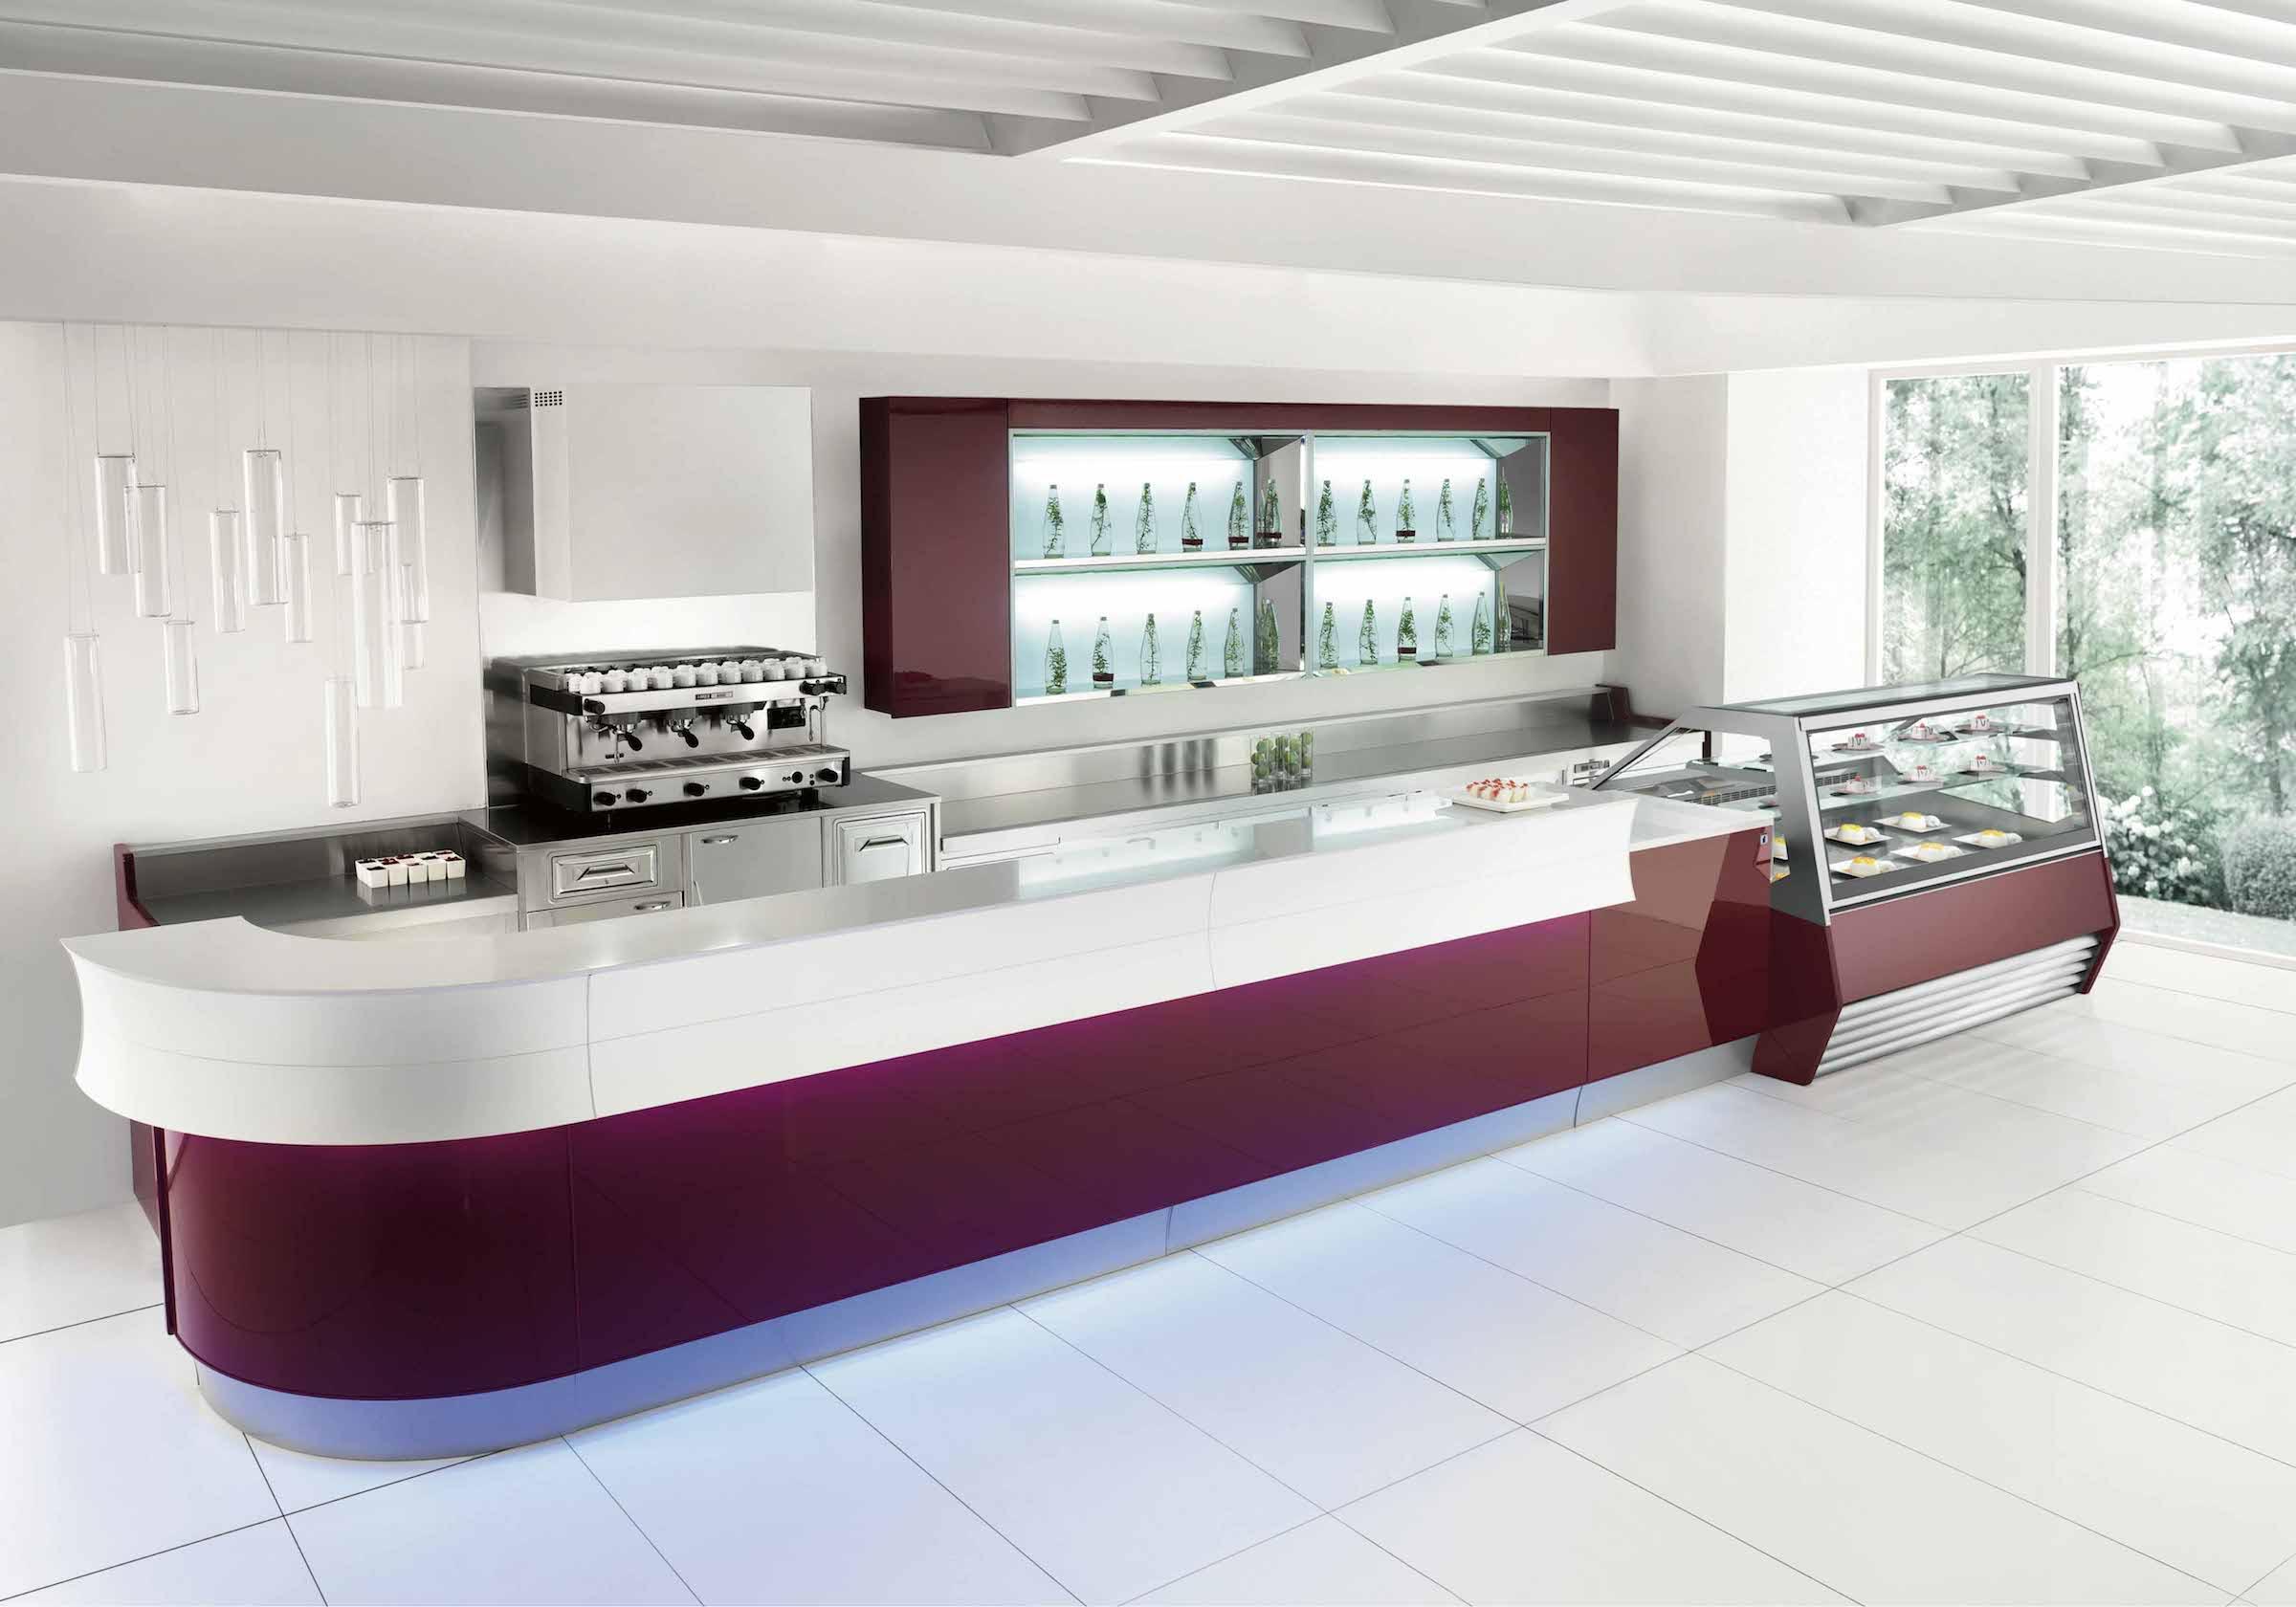 Arredamenti bar sardegna 1 cucciari arredamenti sardegna for Astor arredamenti bar